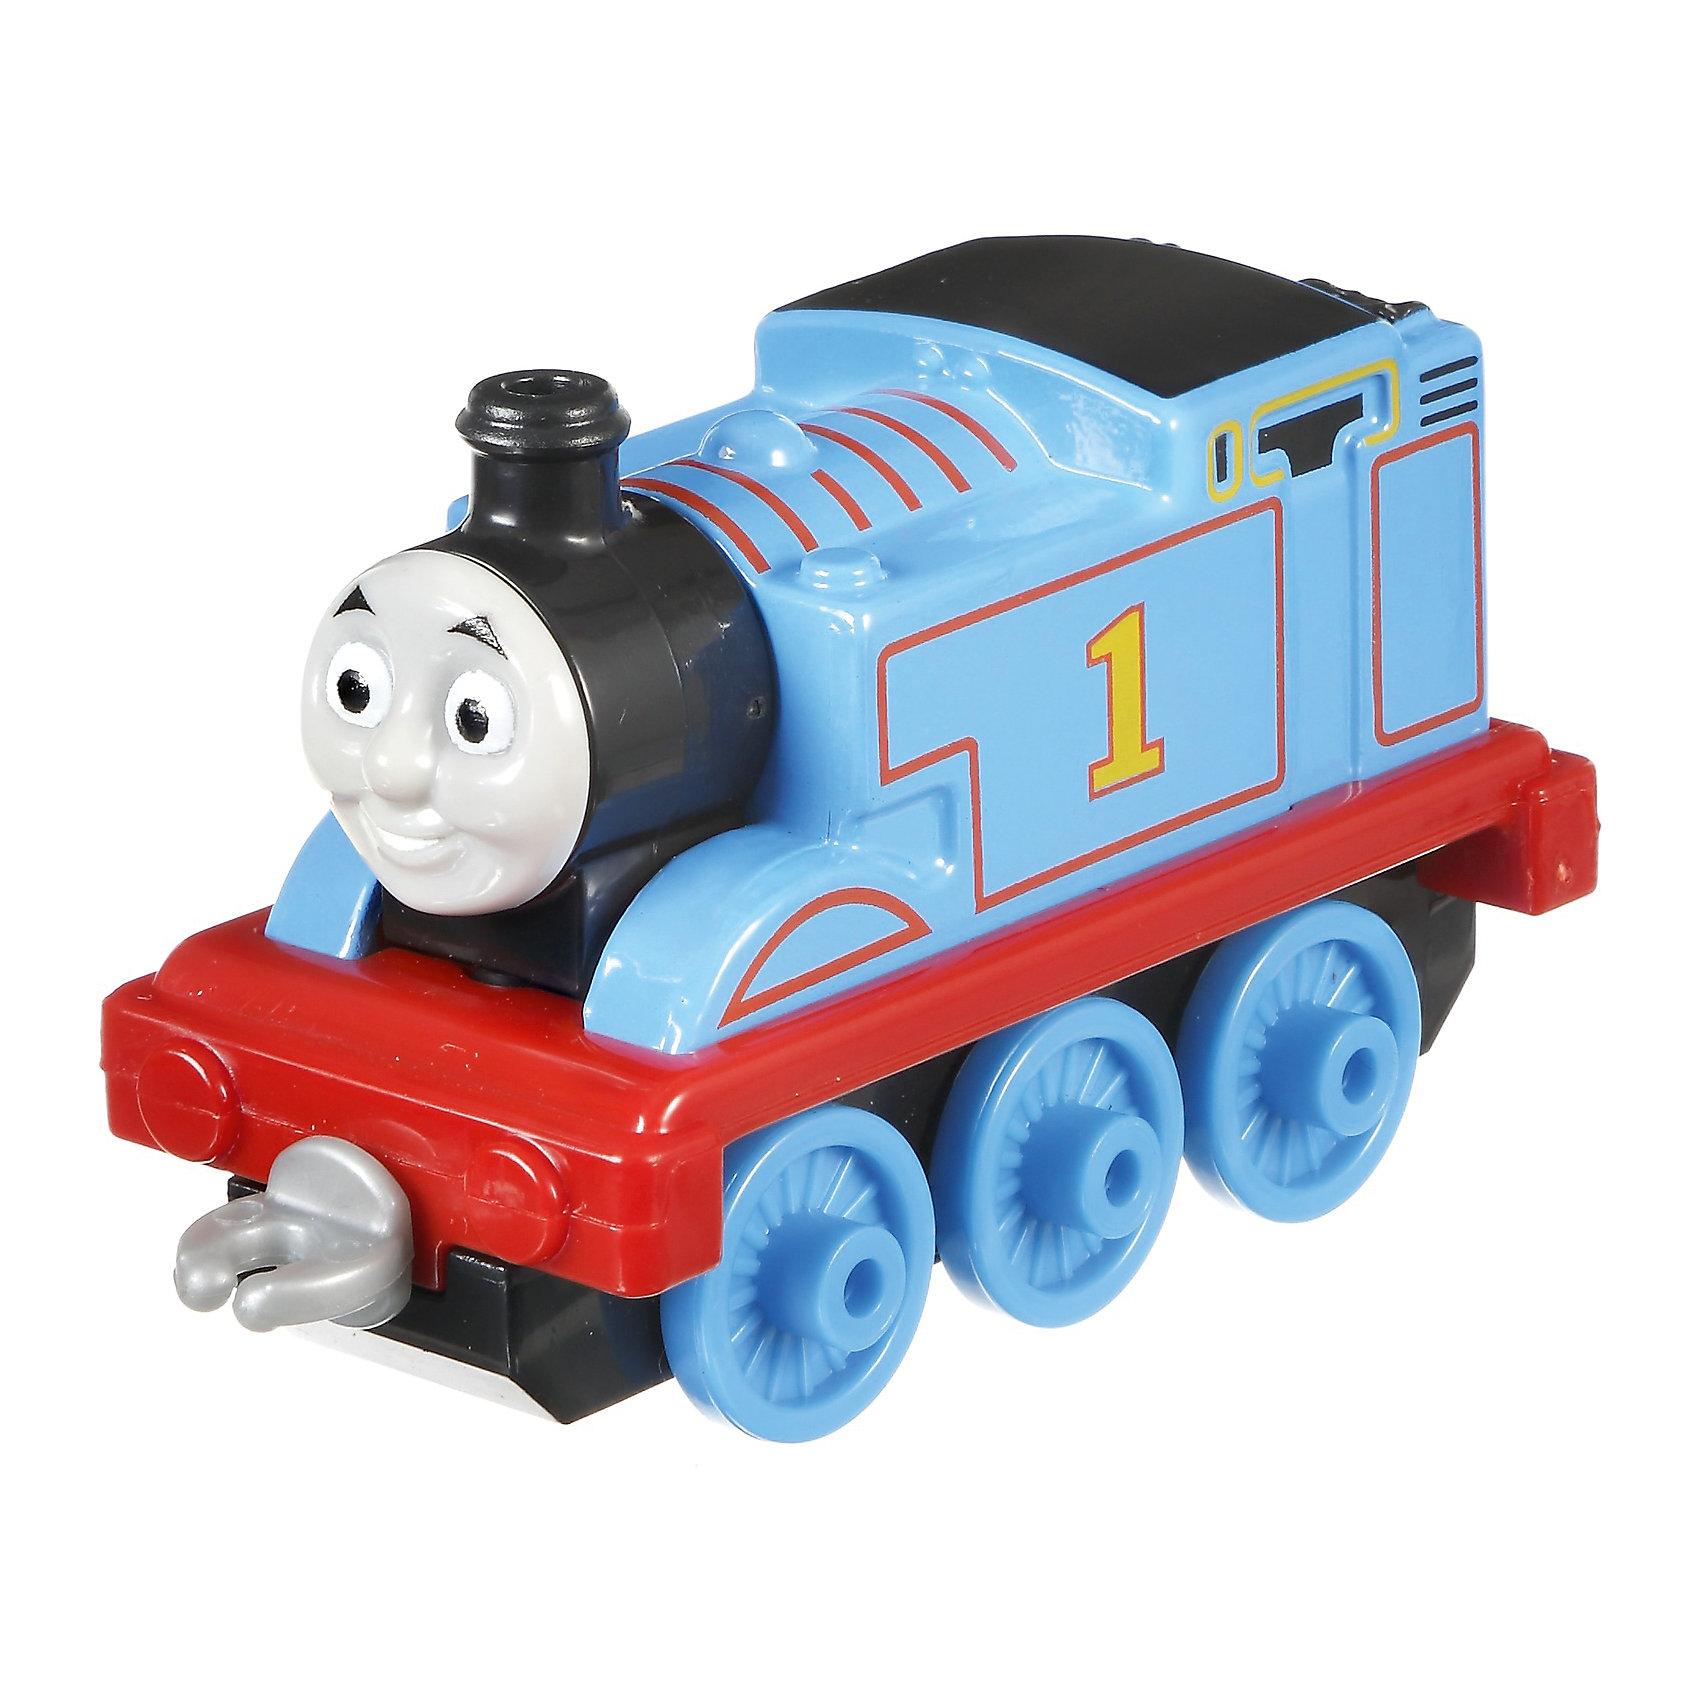 Маленький паровозик, Томас и его друзьяТомас и его друзья<br>Маленький паровозик, Томас и его друзья.<br><br>Характеристики:<br><br>• Материал: пластик, металл<br>• Размер упаковки: 13х11,5х3 см.<br>• Вес: 280 гр.<br><br>Маленький паровозик Томас создан по мотивам мультфильма Томас и его друзья, невероятно популярного среди миллионов детей во всем мире. Паровозик отличается высокой степенью детализации и соответствия своему экранному прототипу. Надежные пластиковые соединения позволяют присоединять к паровозику вагончики, тендеры и другие паровозики из серии «Томас и друзья». <br><br>Игрушка станет отличным подарком для поклонников мультсериала «Томас и друзья», а также для любителей железных дорог! Паровозик изготовлен из высококачественных материалов, используемые красители не содержат токсичных компонентов и полностью безопасны для здоровья ребенка.<br><br>Маленький паровозик, Томас и его друзья можно купить в нашем интернет-магазине.<br><br>Ширина мм: 130<br>Глубина мм: 35<br>Высота мм: 115<br>Вес г: 64<br>Возраст от месяцев: 36<br>Возраст до месяцев: 120<br>Пол: Мужской<br>Возраст: Детский<br>SKU: 5440308